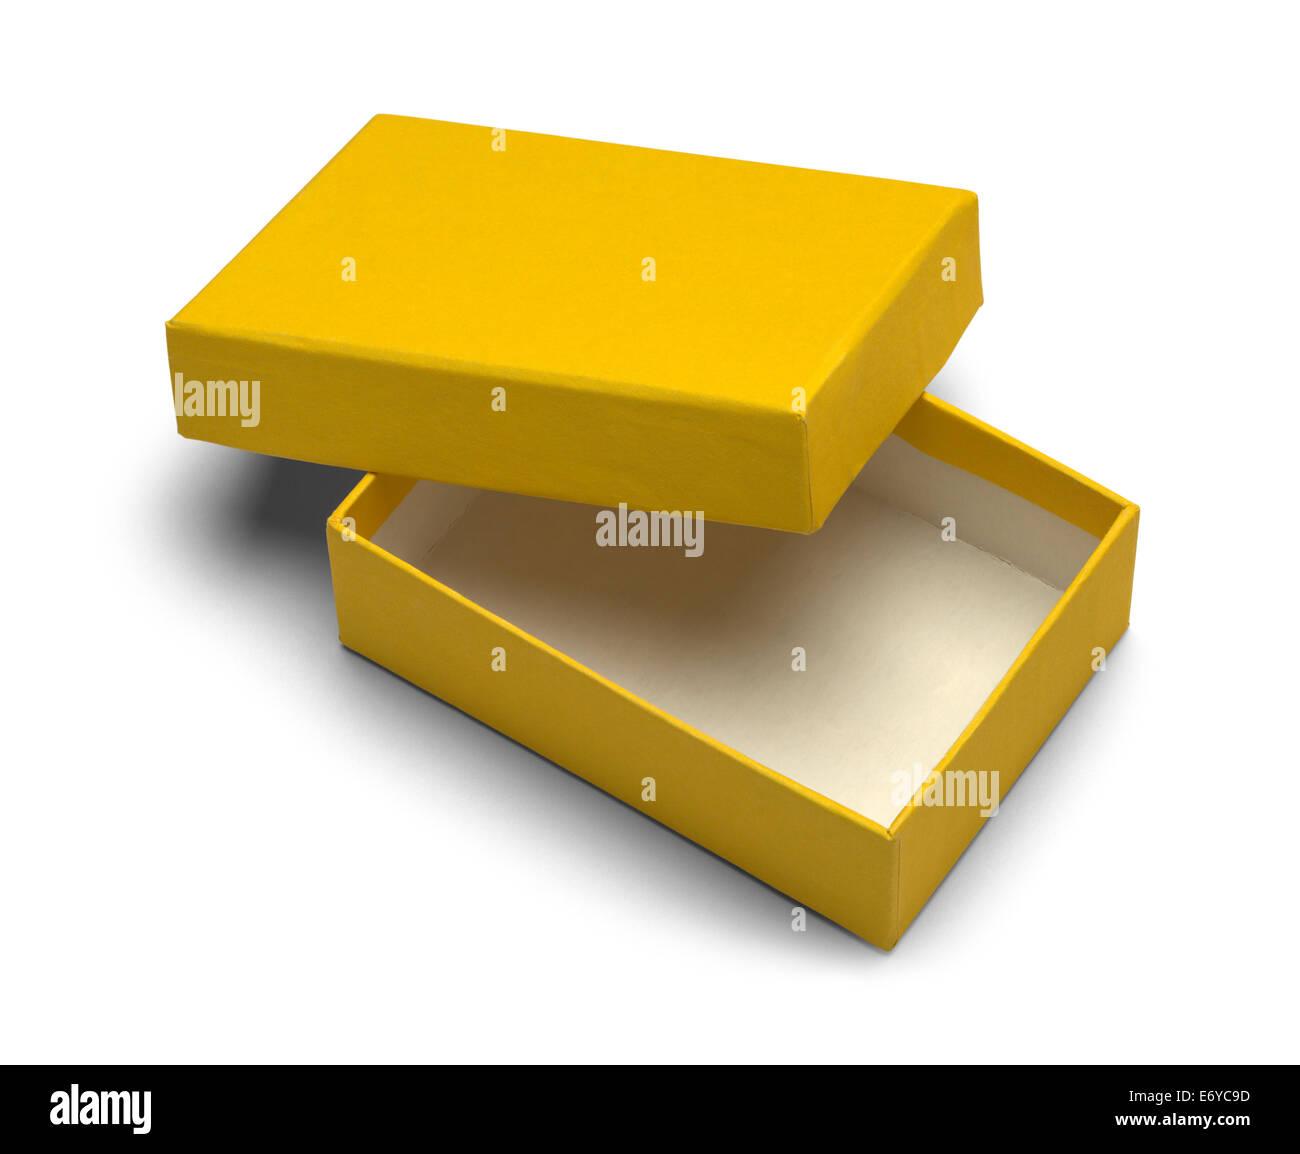 Joyero amarillo abierto aislado sobre fondo blanco. Foto de stock